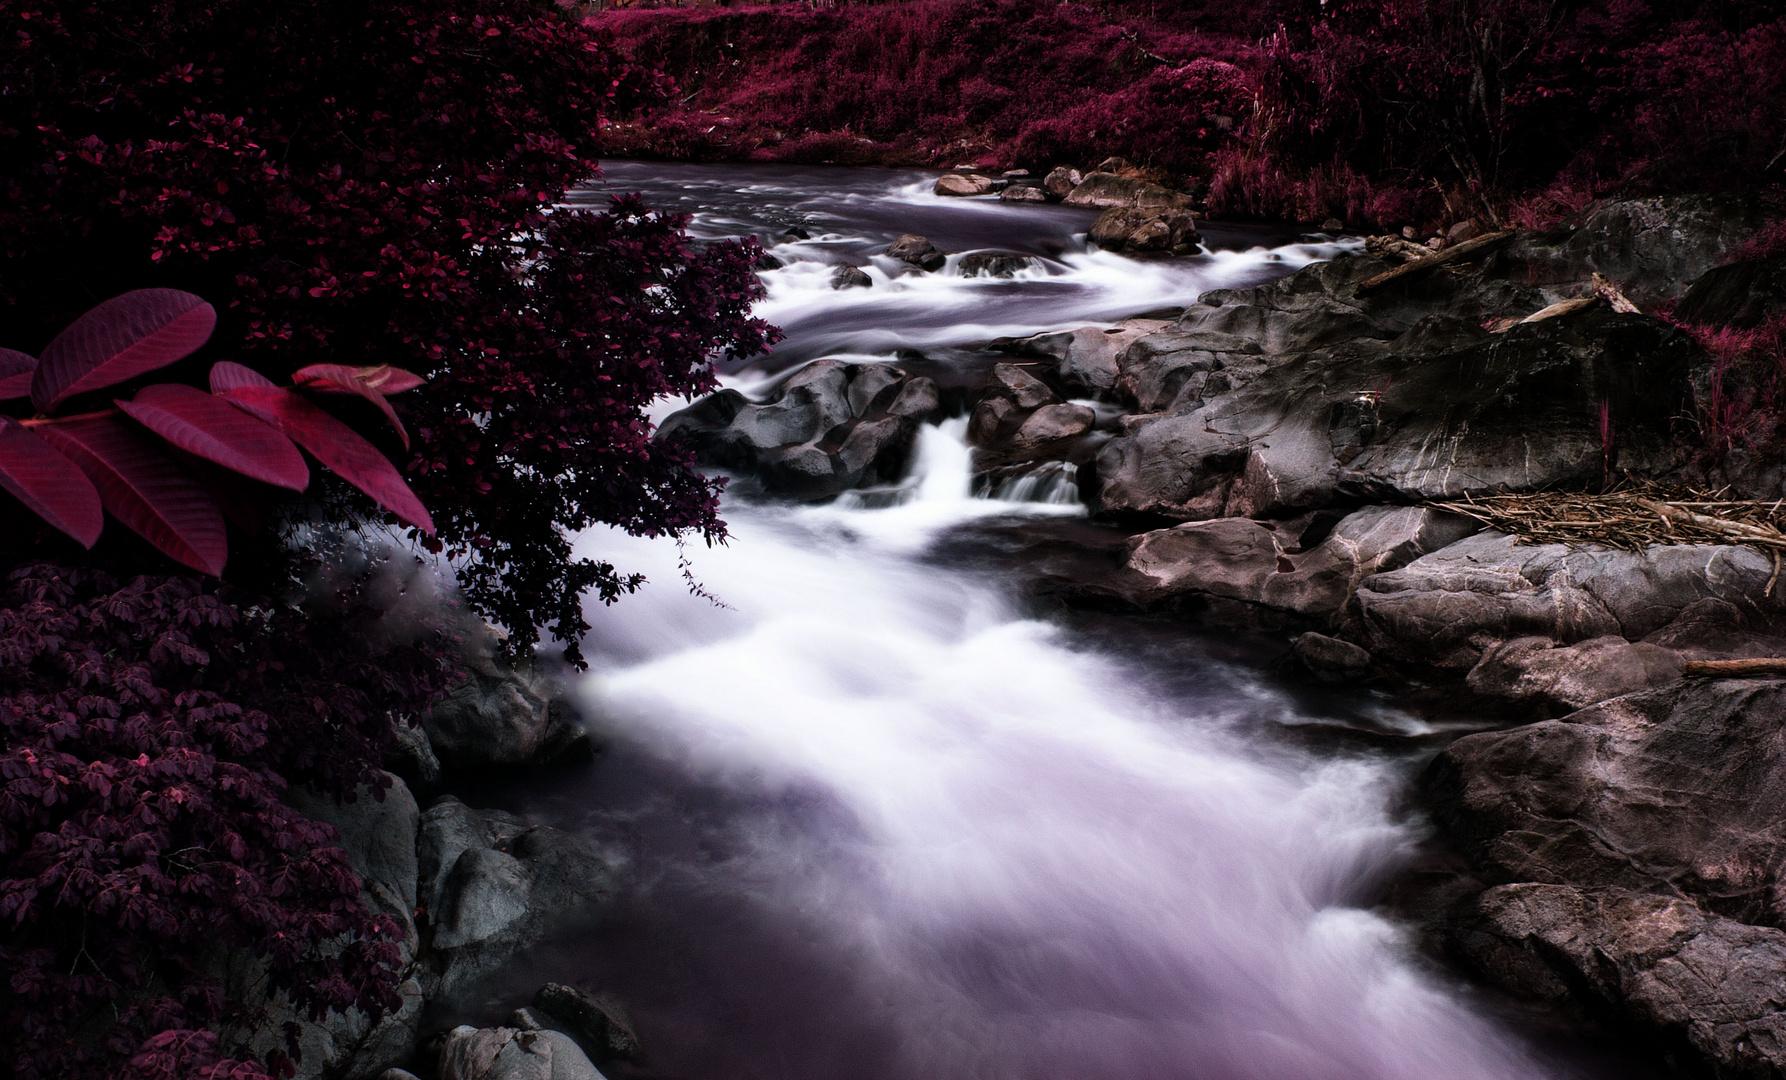 el rio tiene cor,